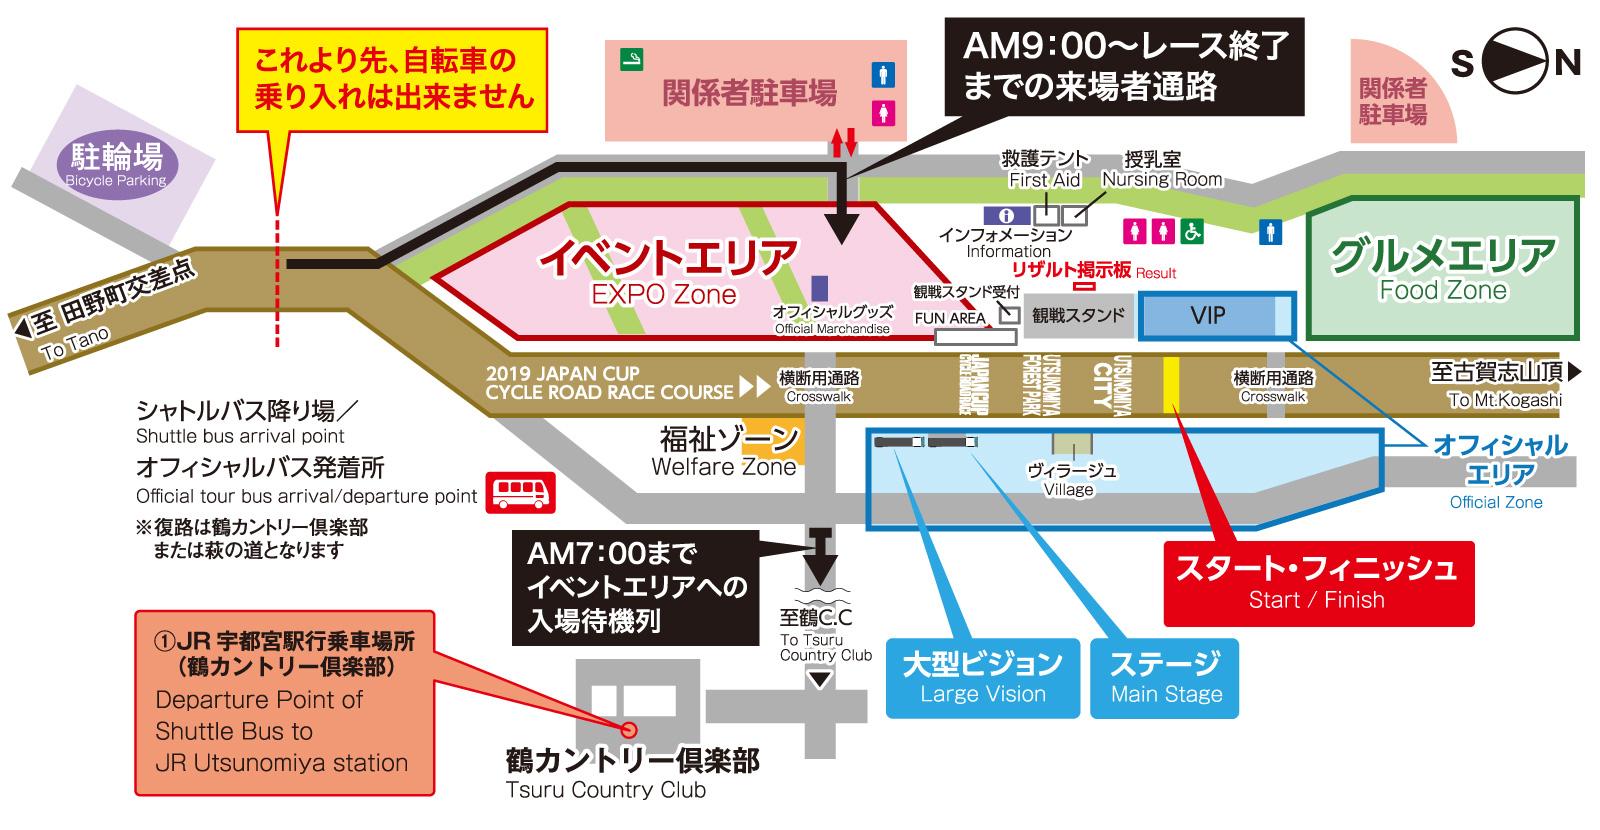 2019宇都宮市森林公園スタート/フィニッシュ地点MAP